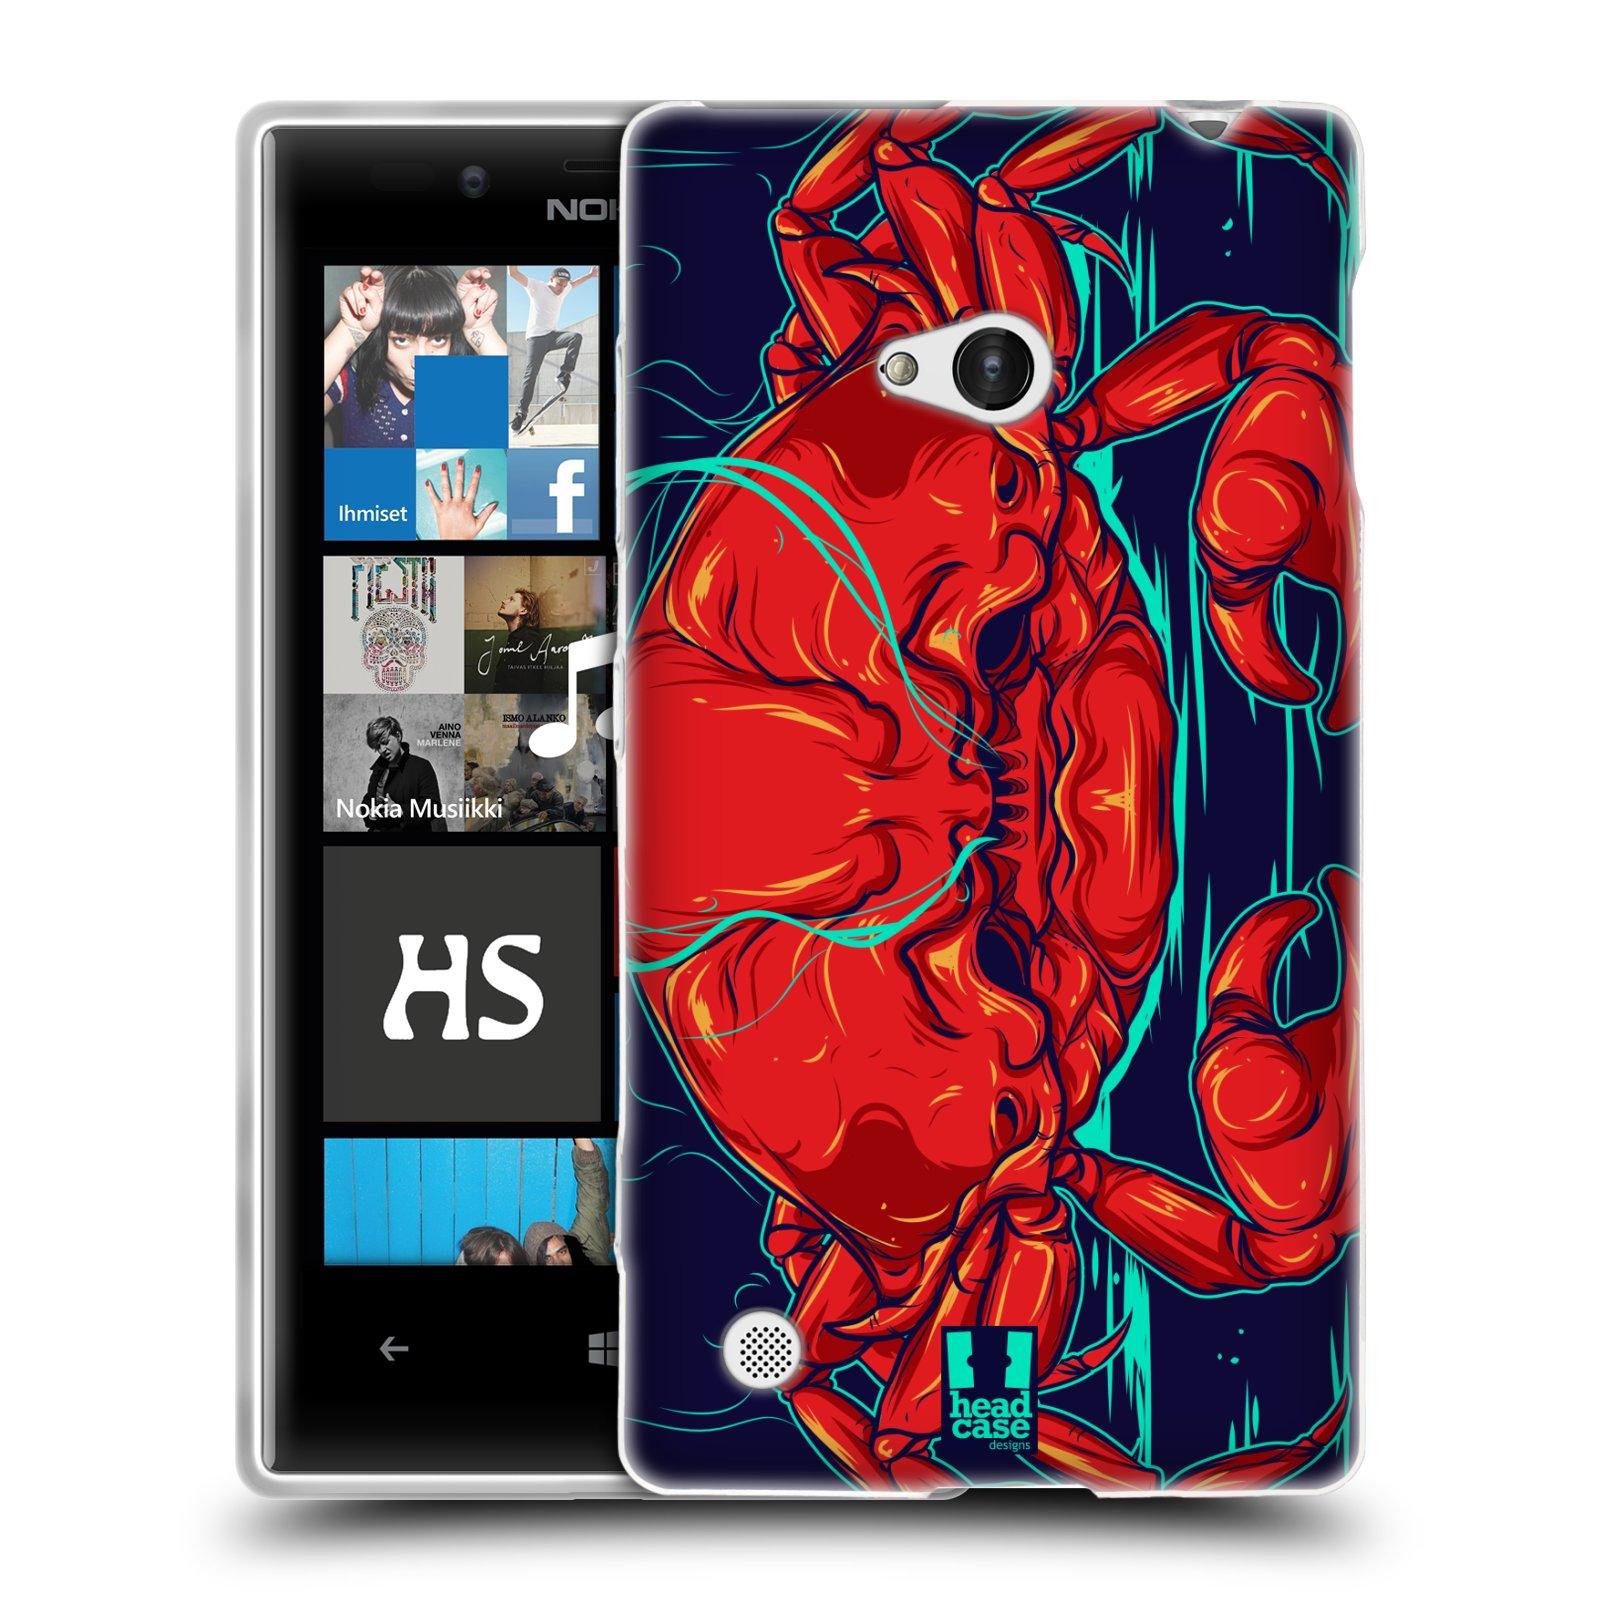 HEAD CASE silikonový obal na mobil NOKIA Lumia 720 vzor mořská monstra krab